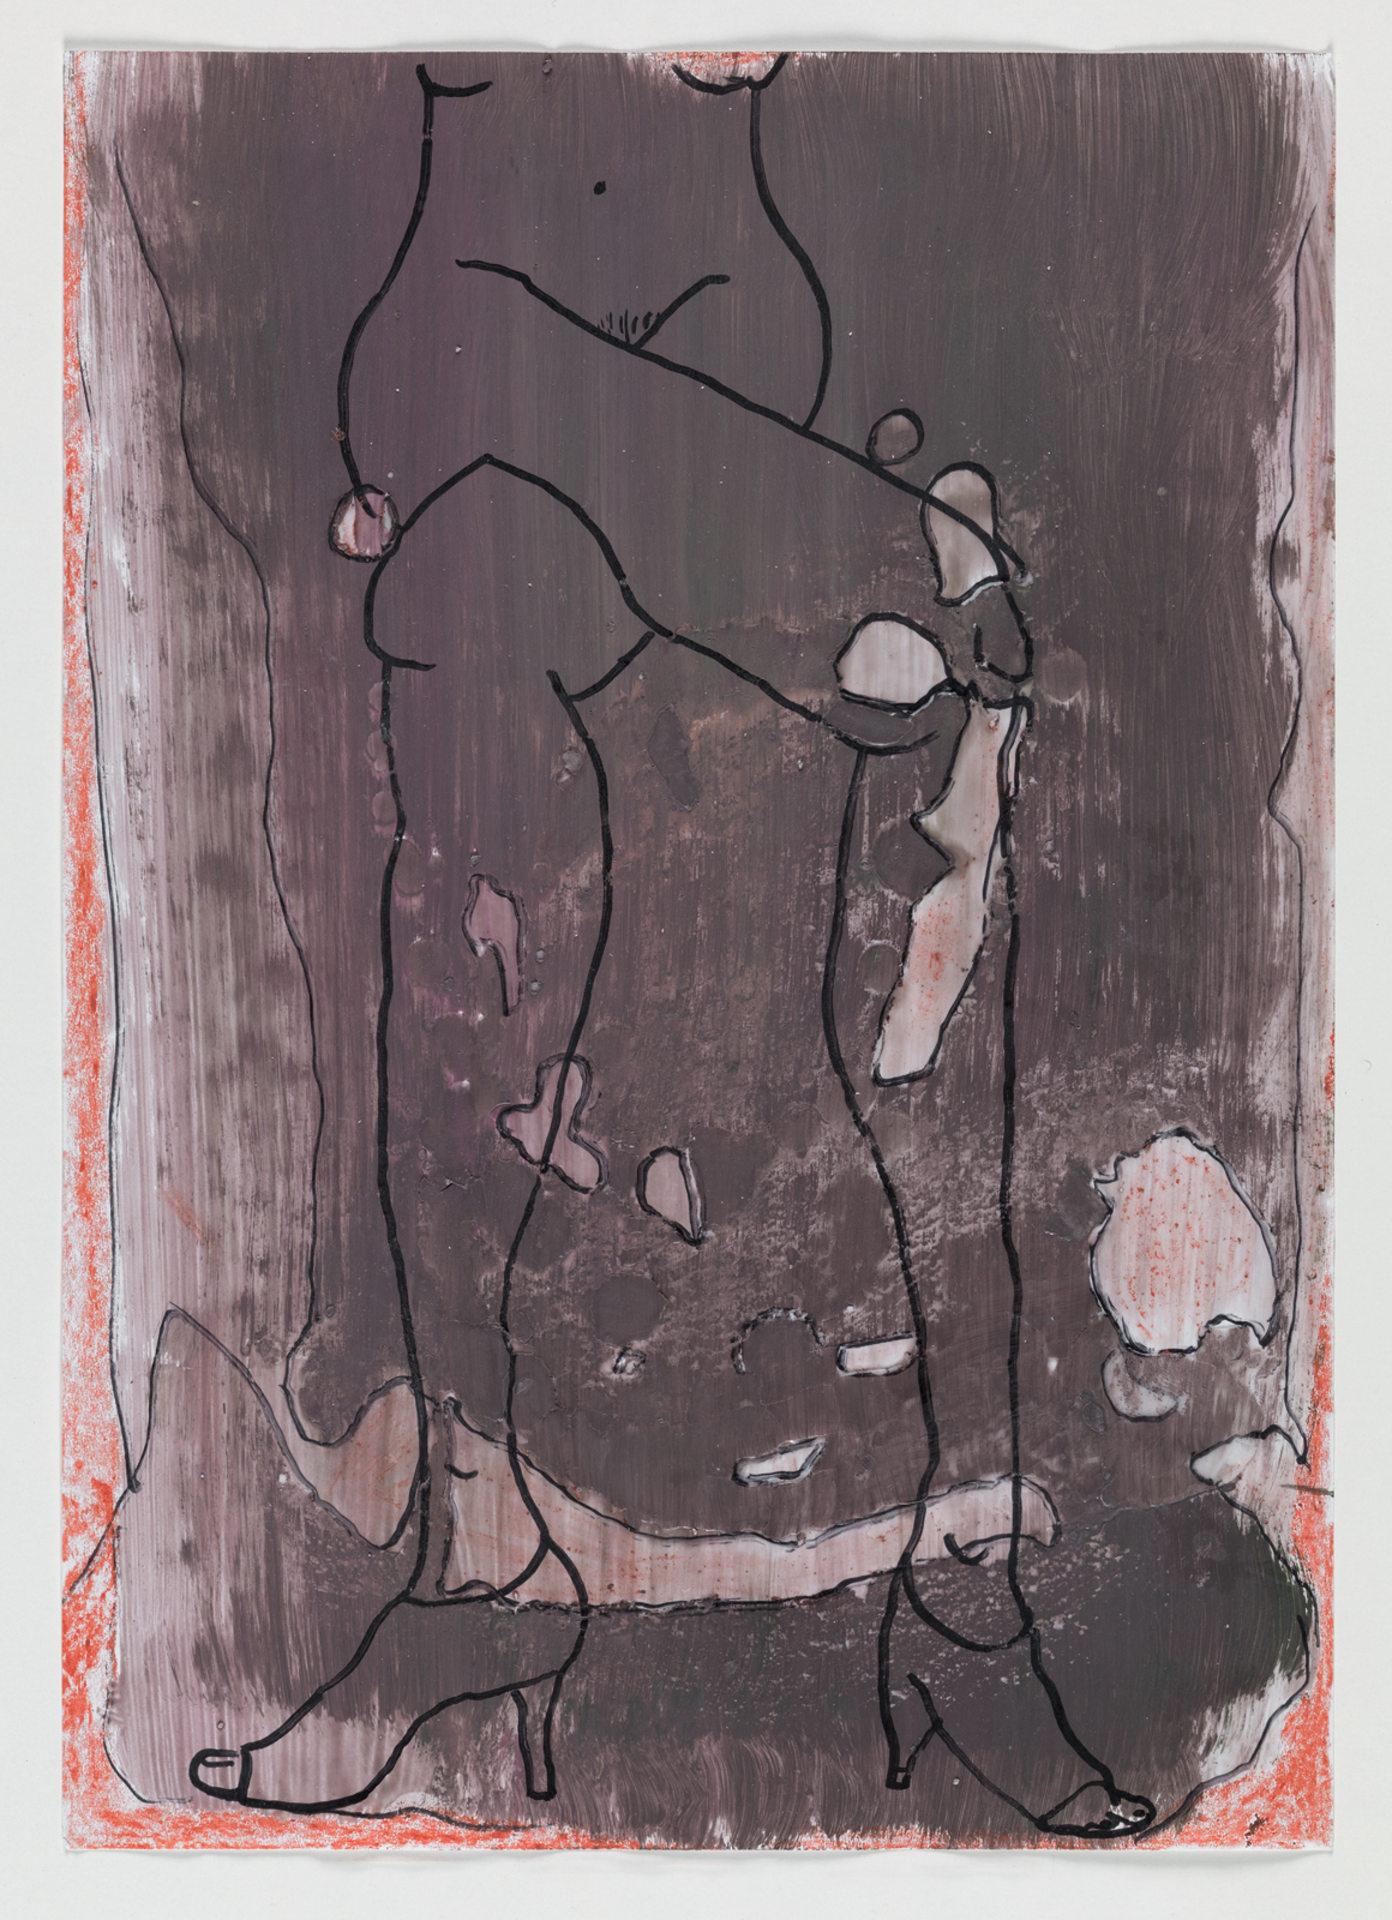 Untitled; Untitled; Crossed Legs